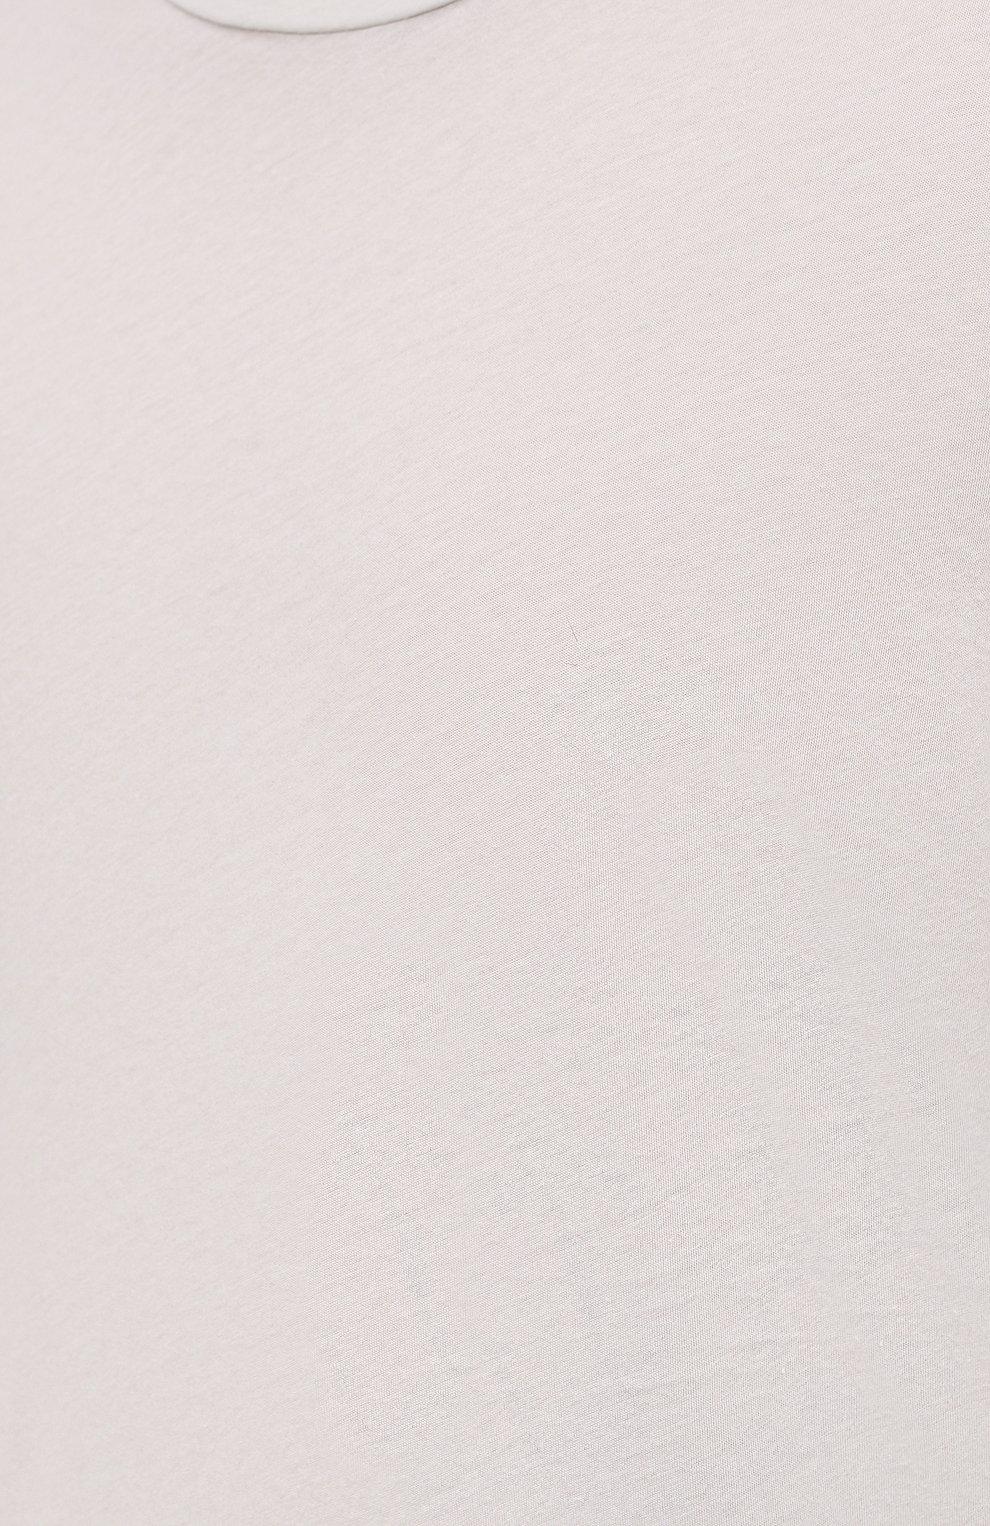 Мужская хлопковая футболка ORLEBAR BROWN светло-серого цвета, арт. 273688   Фото 5 (Кросс-КТ: Пляж; Принт: Без принта; Рукава: Короткие; Длина (для топов): Стандартные; Материал внешний: Хлопок; Стили: Кэжуэл)